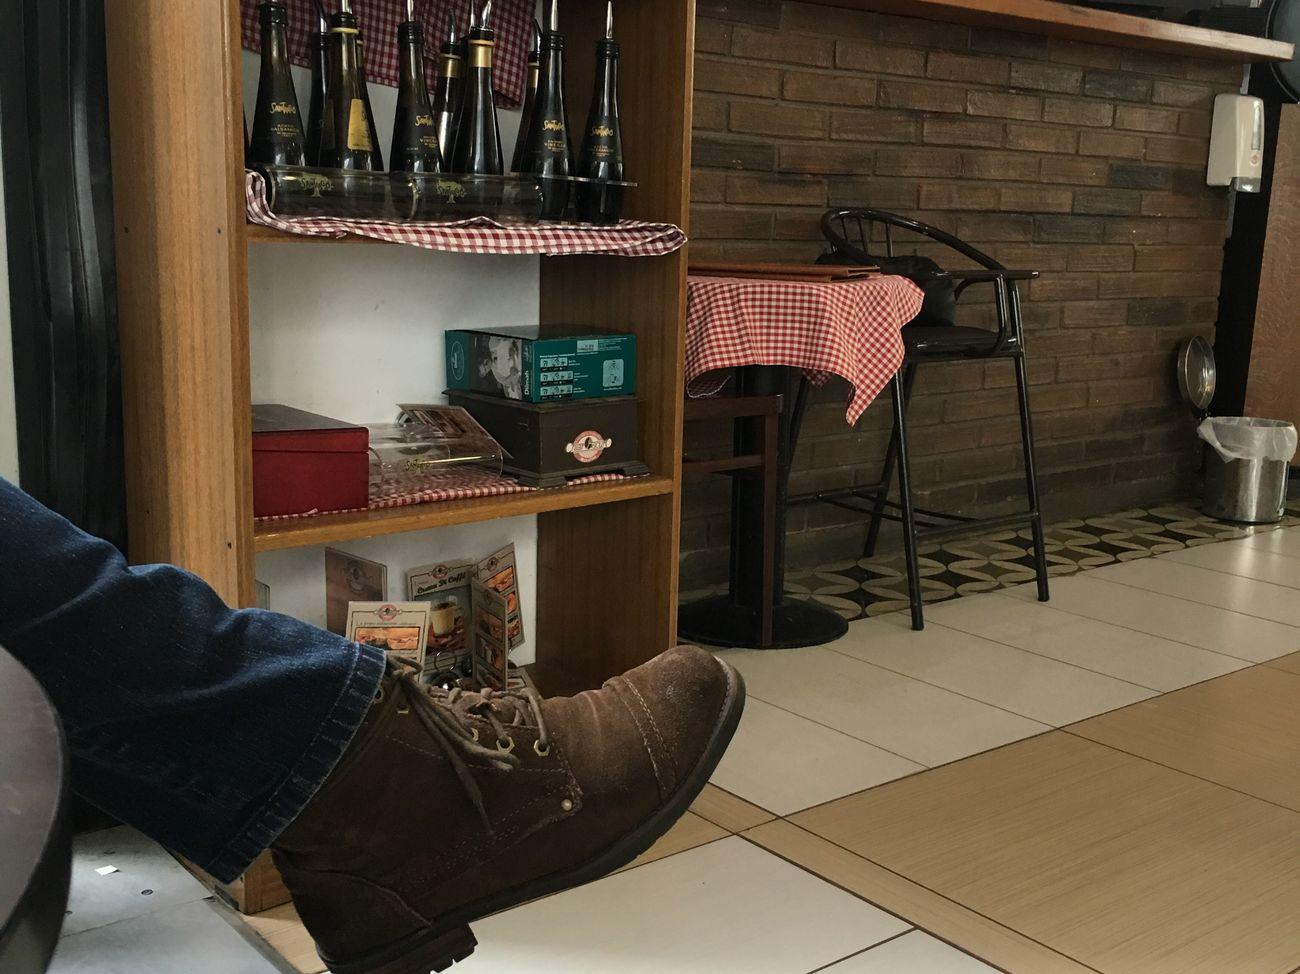 Un momento de conversación y café ... Taking Photos Husband ♡ Capture The Moment Relaxing Piernas Cualquier Dia